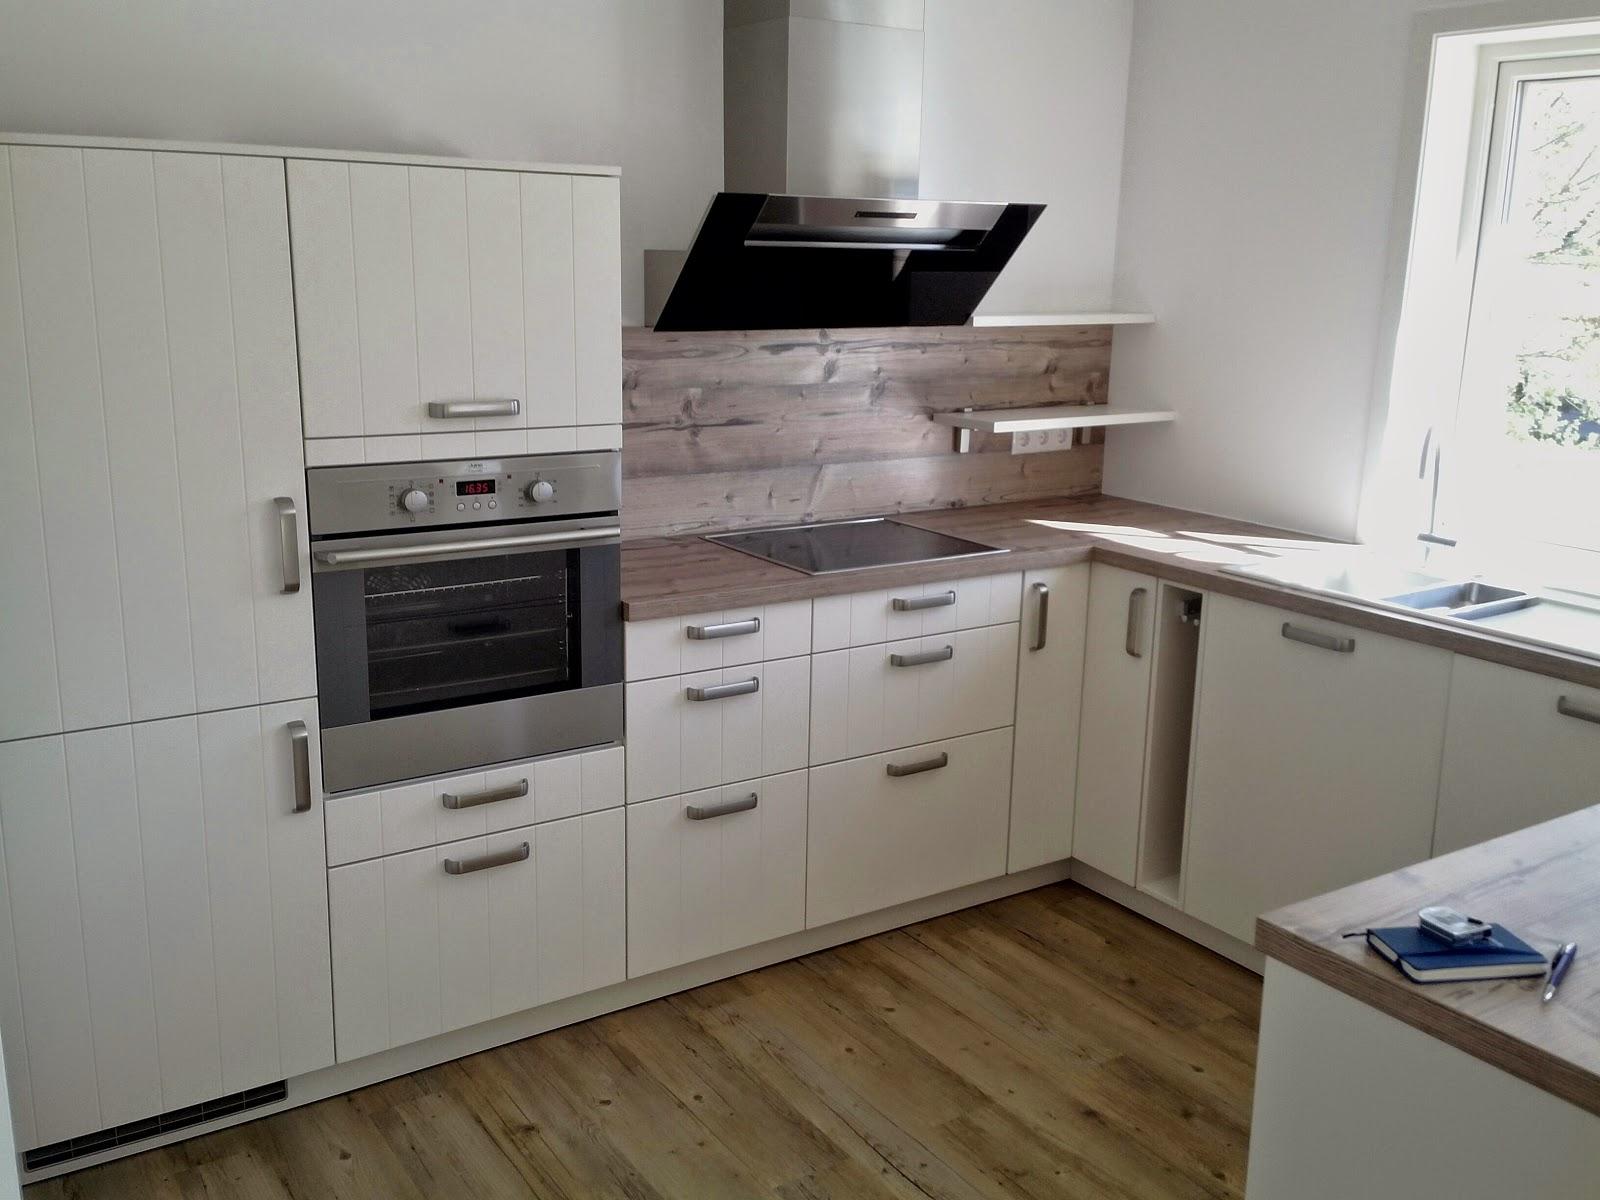 küche aktiv berlin | hausgestaltung ideen